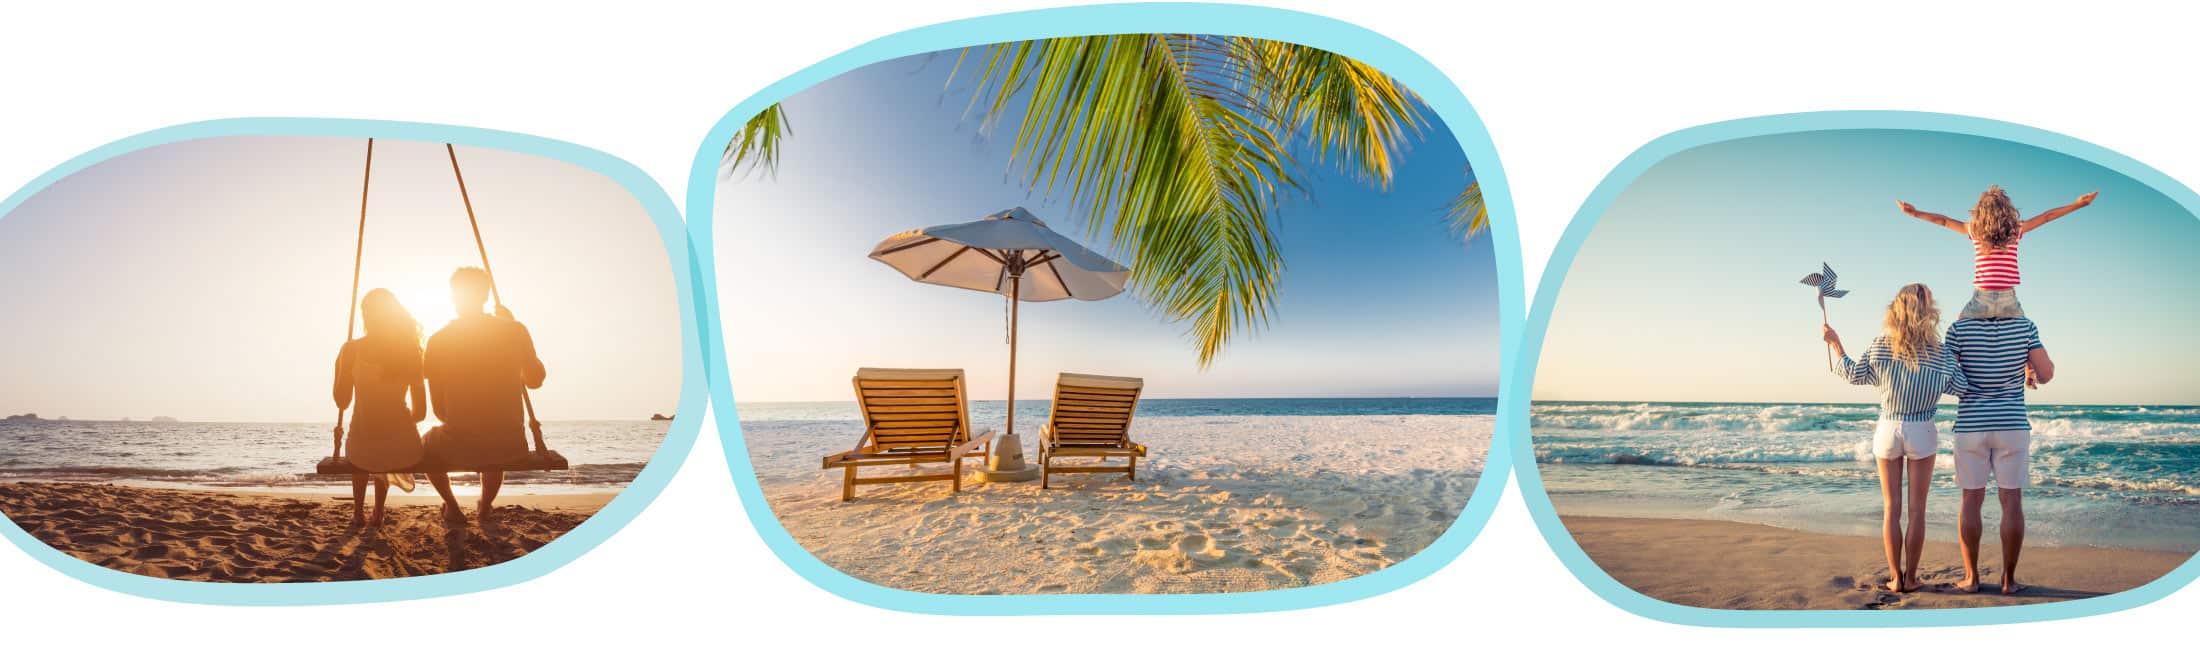 Sommerurlaub 2021 Möglich